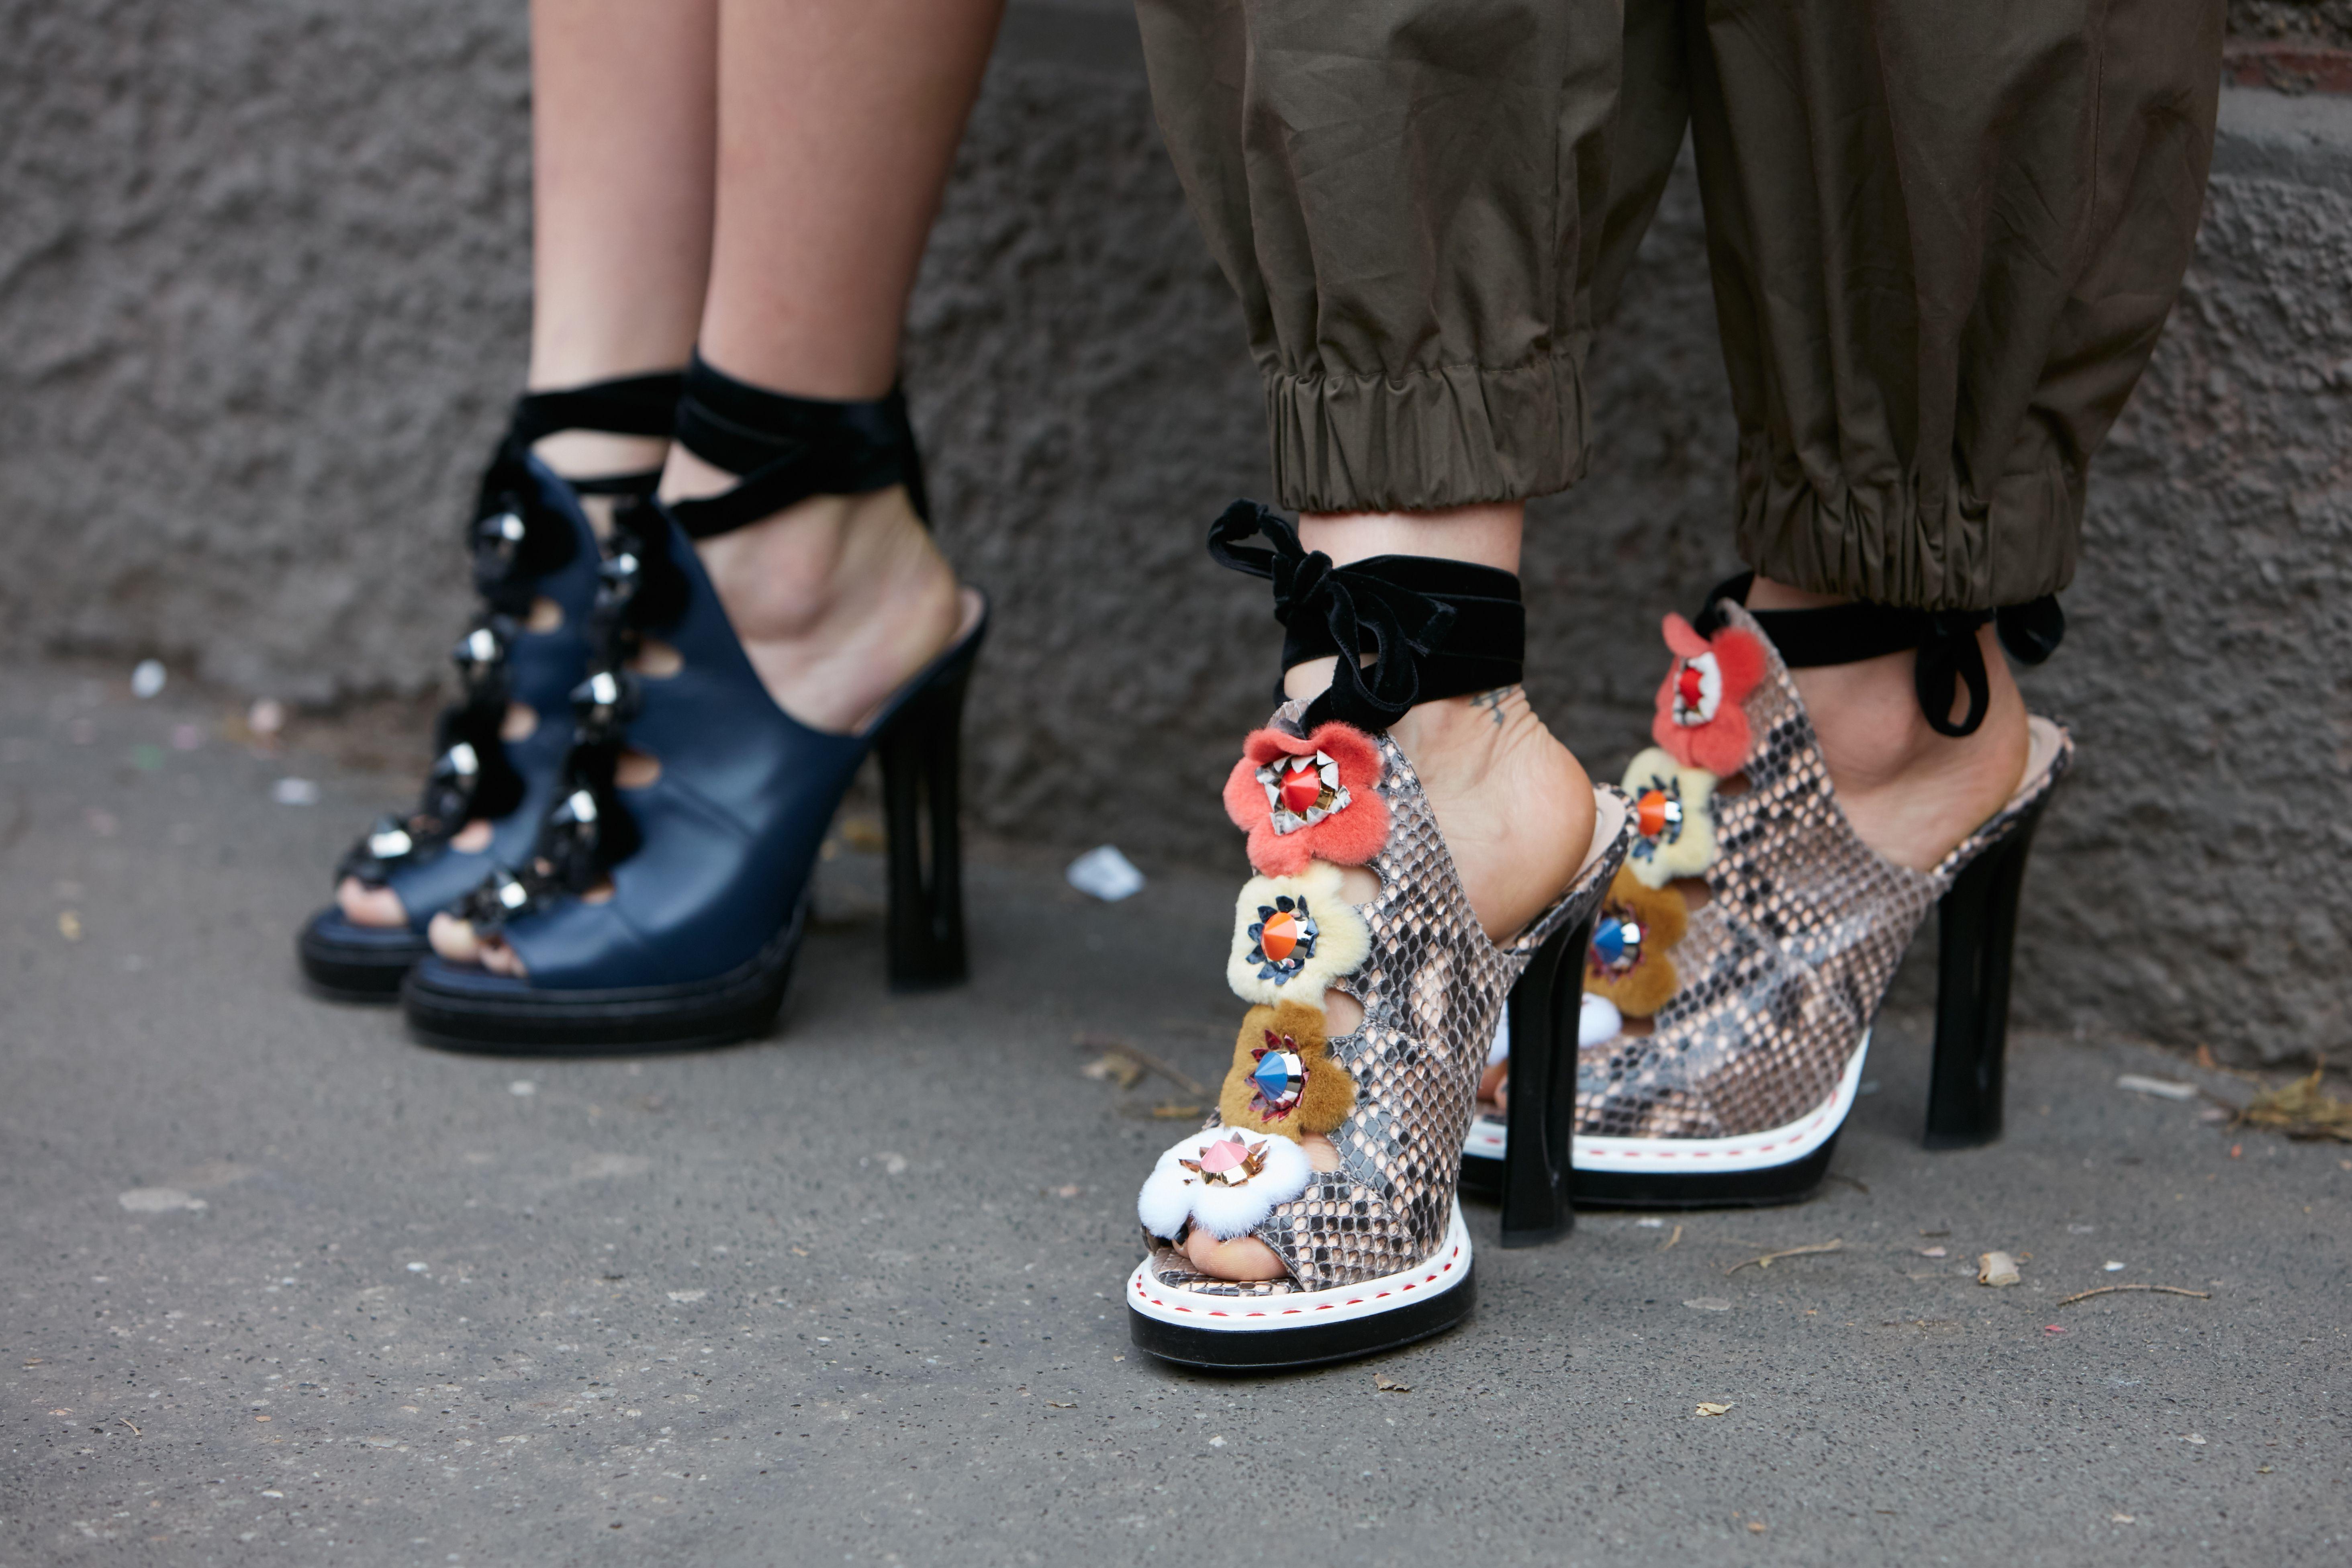 """Ako želite biti u trendu, nosite """"ružne"""" cipele! Mi smo pronašli najzanimljviije modele"""